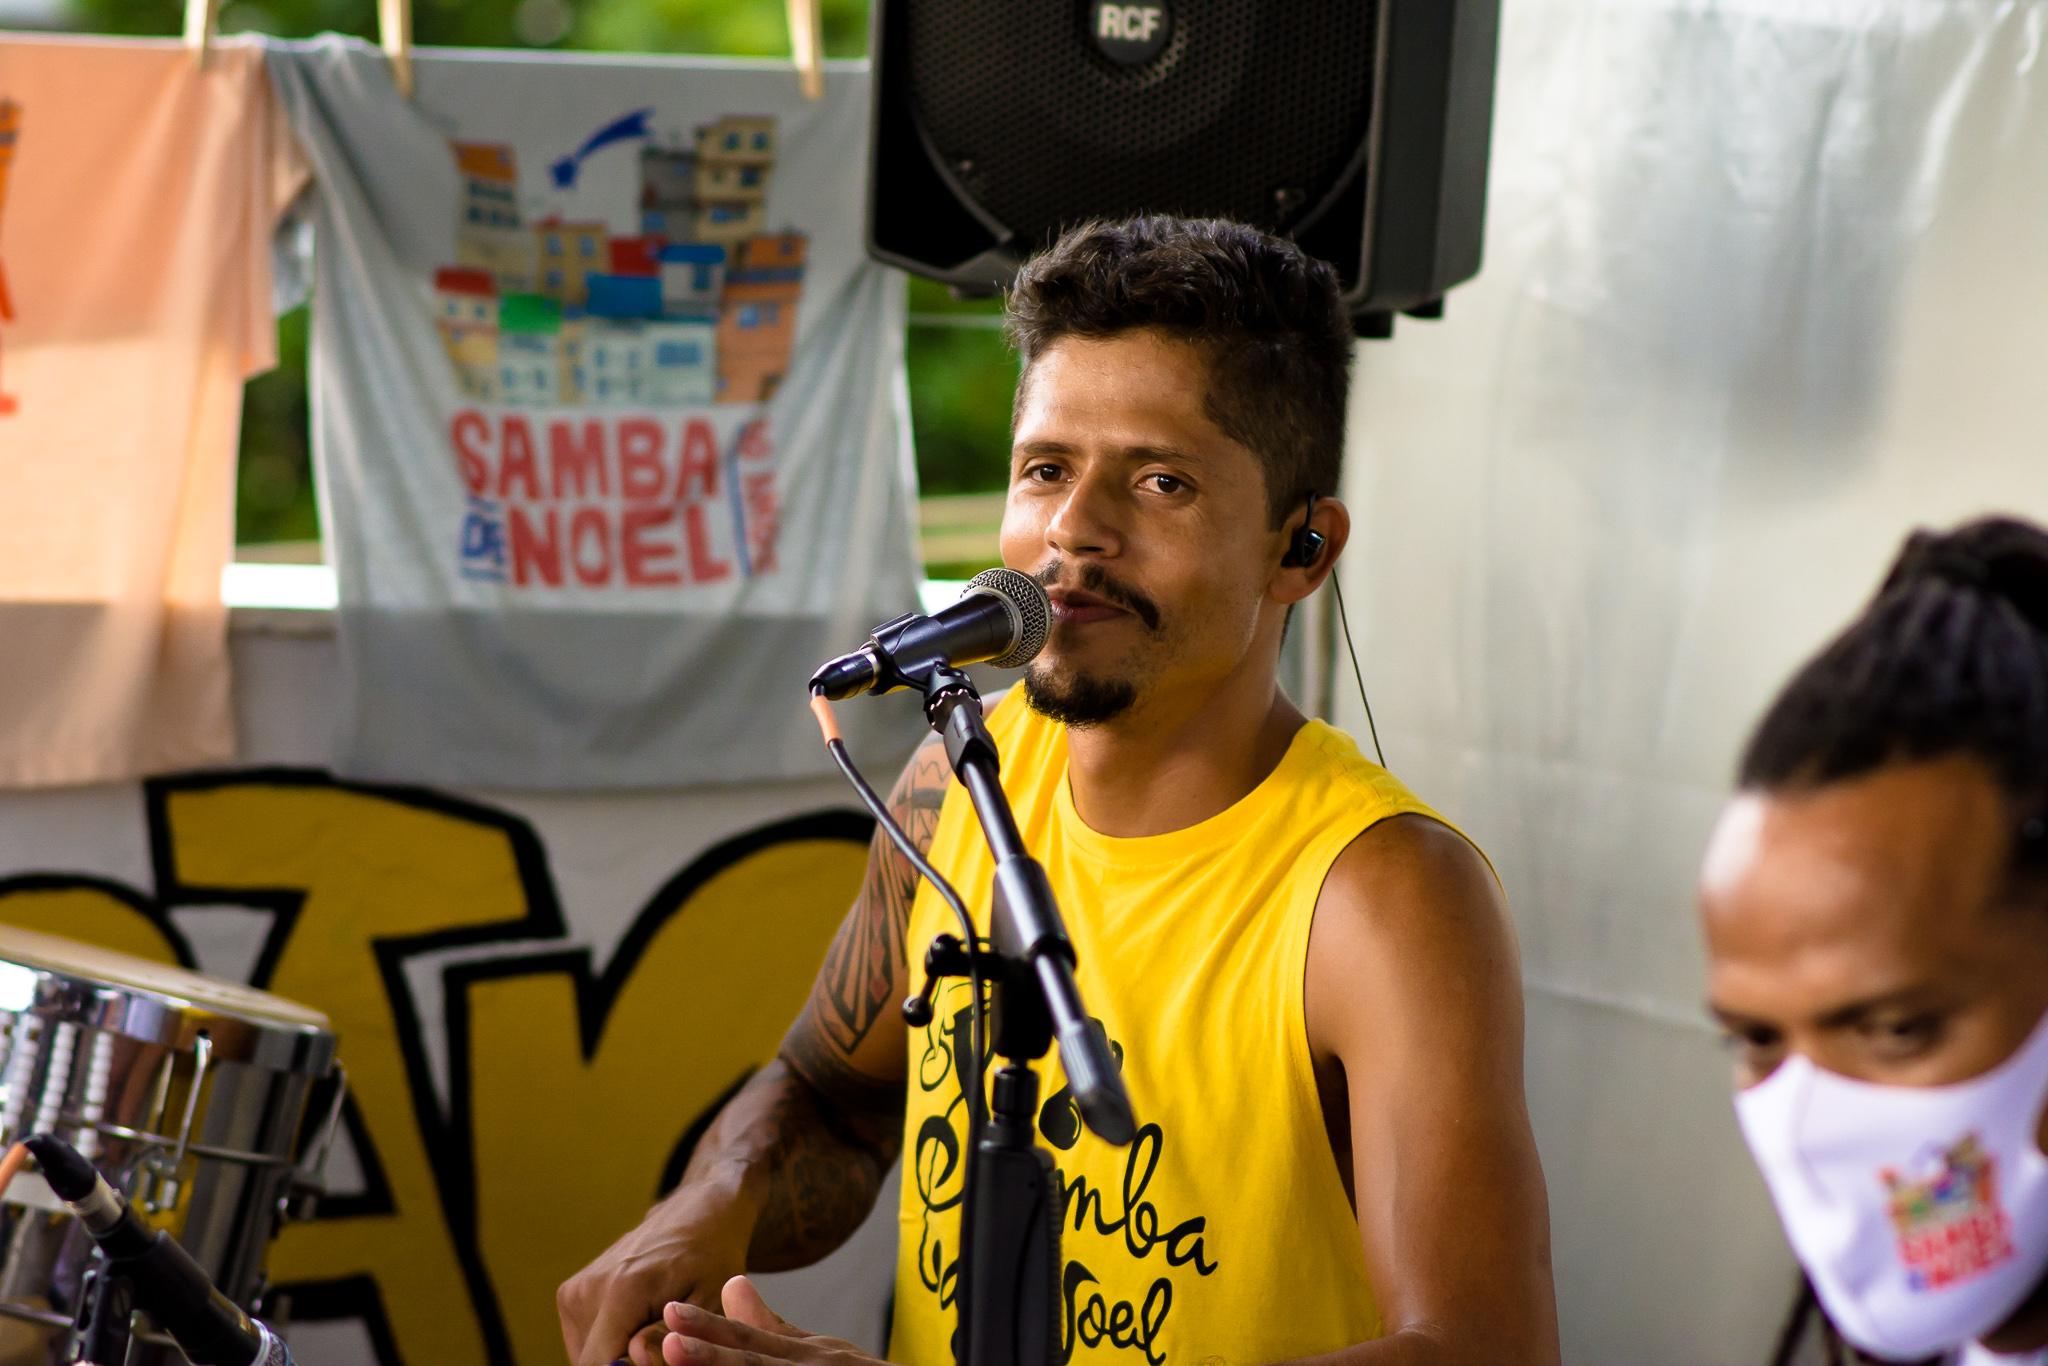 samba de noel